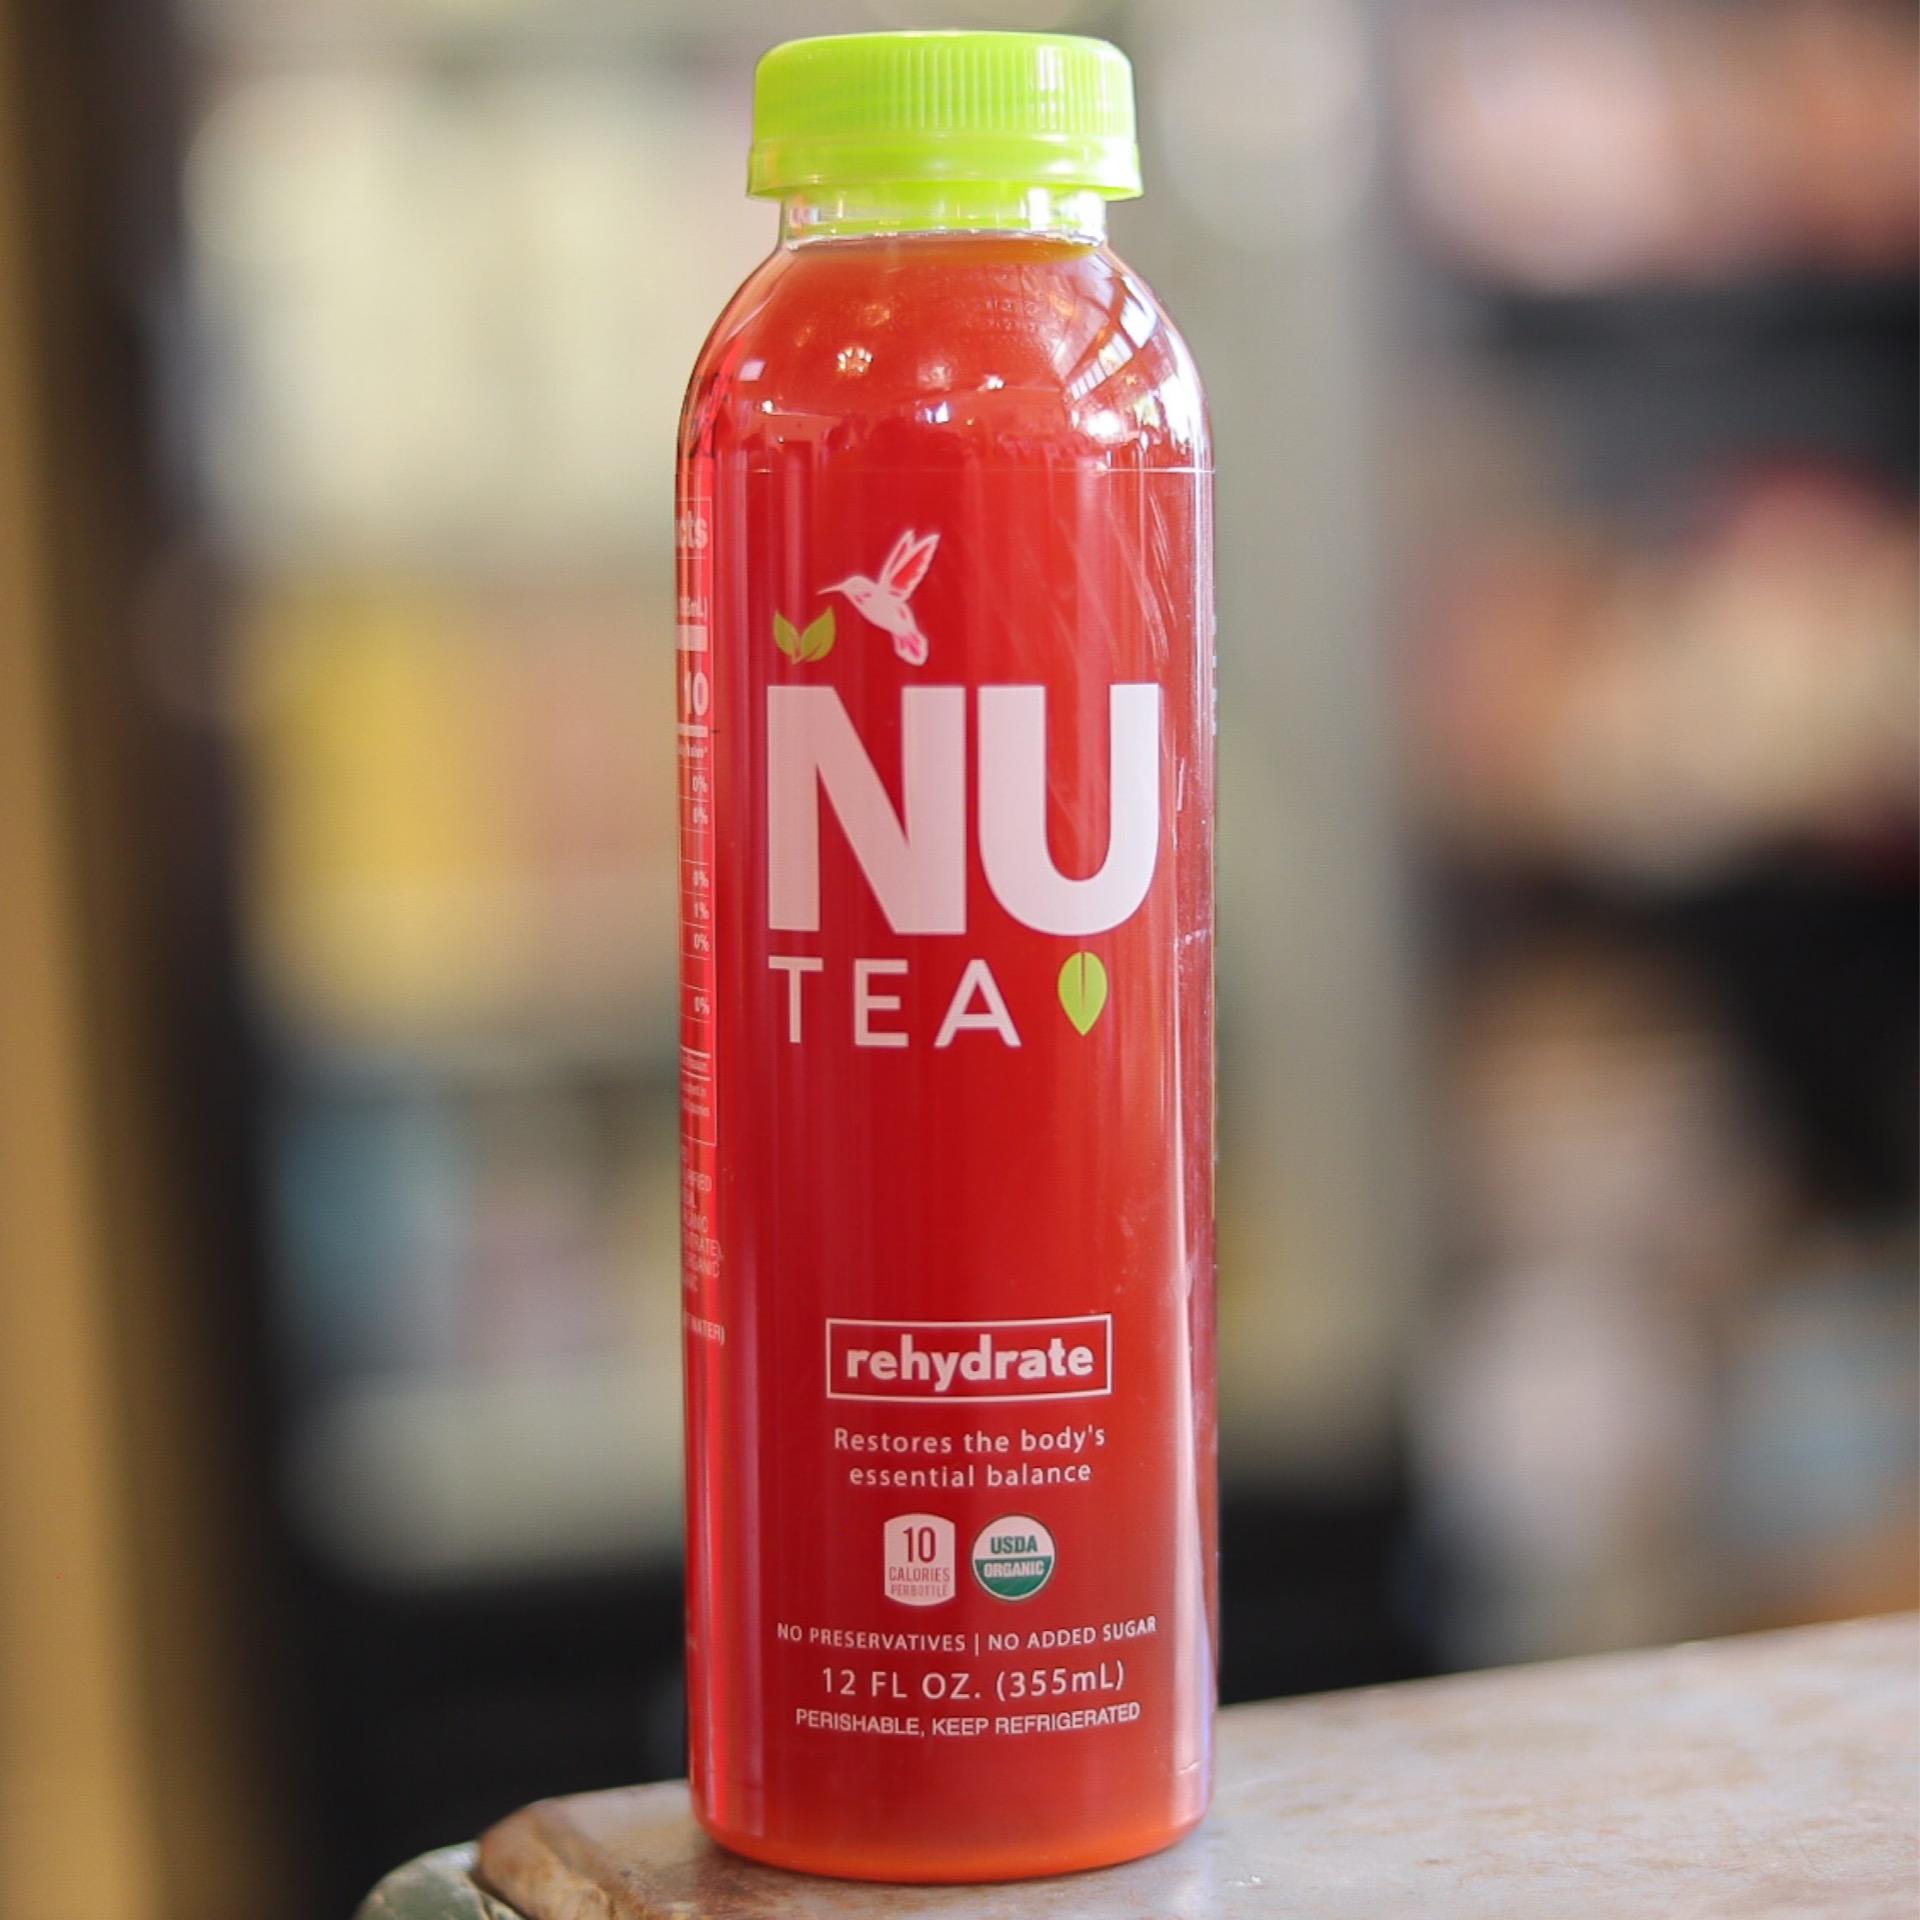 Nu Tea - Rehydrate